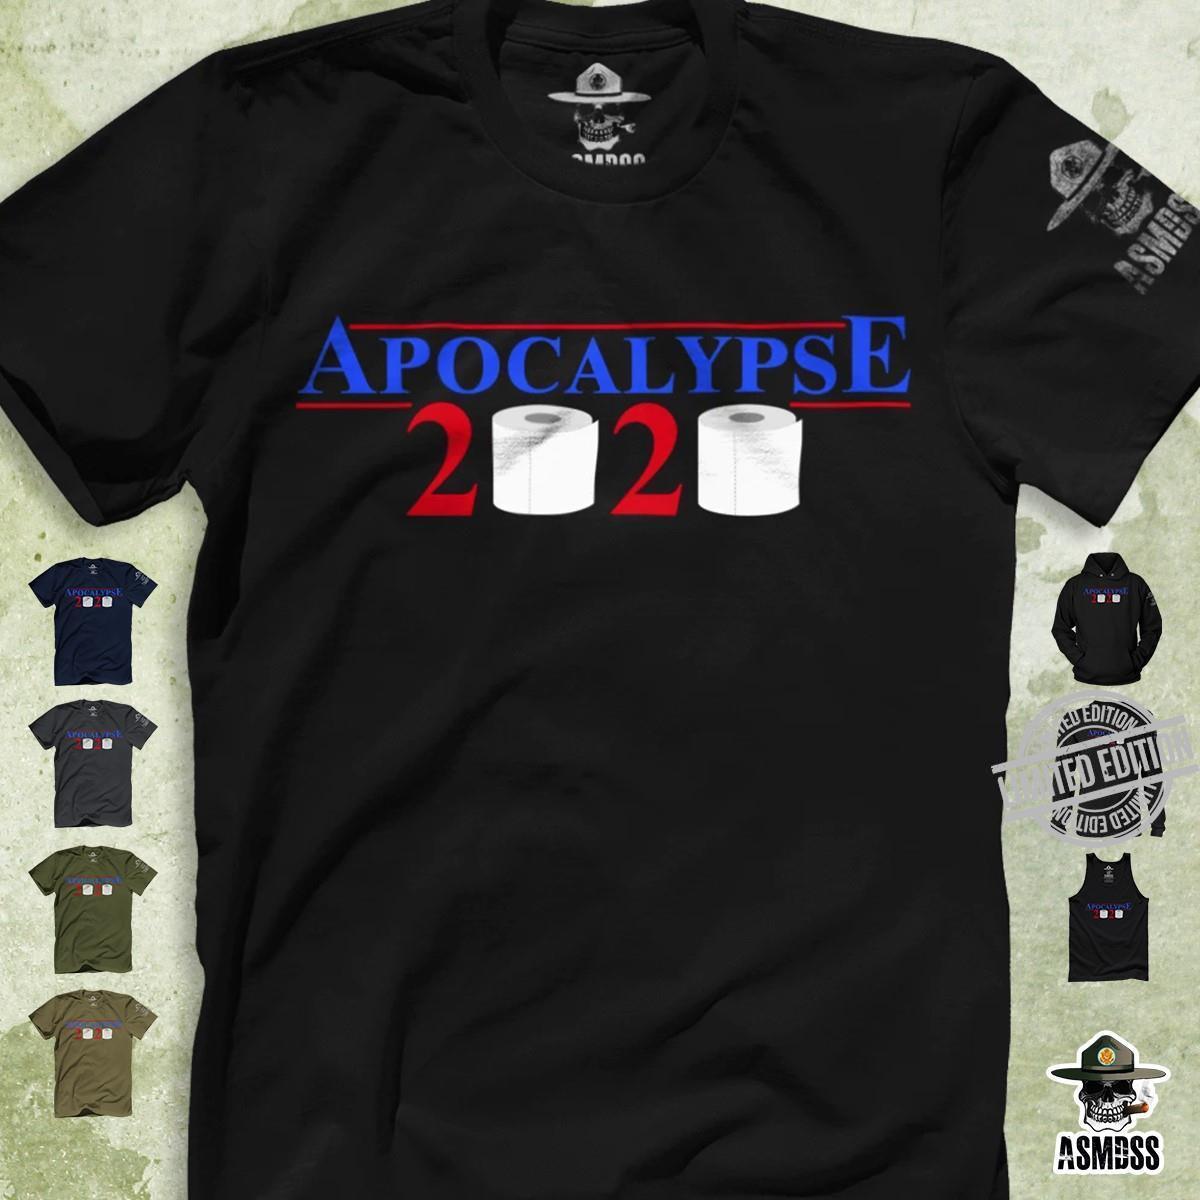 Apocalypse 2020 Shirt